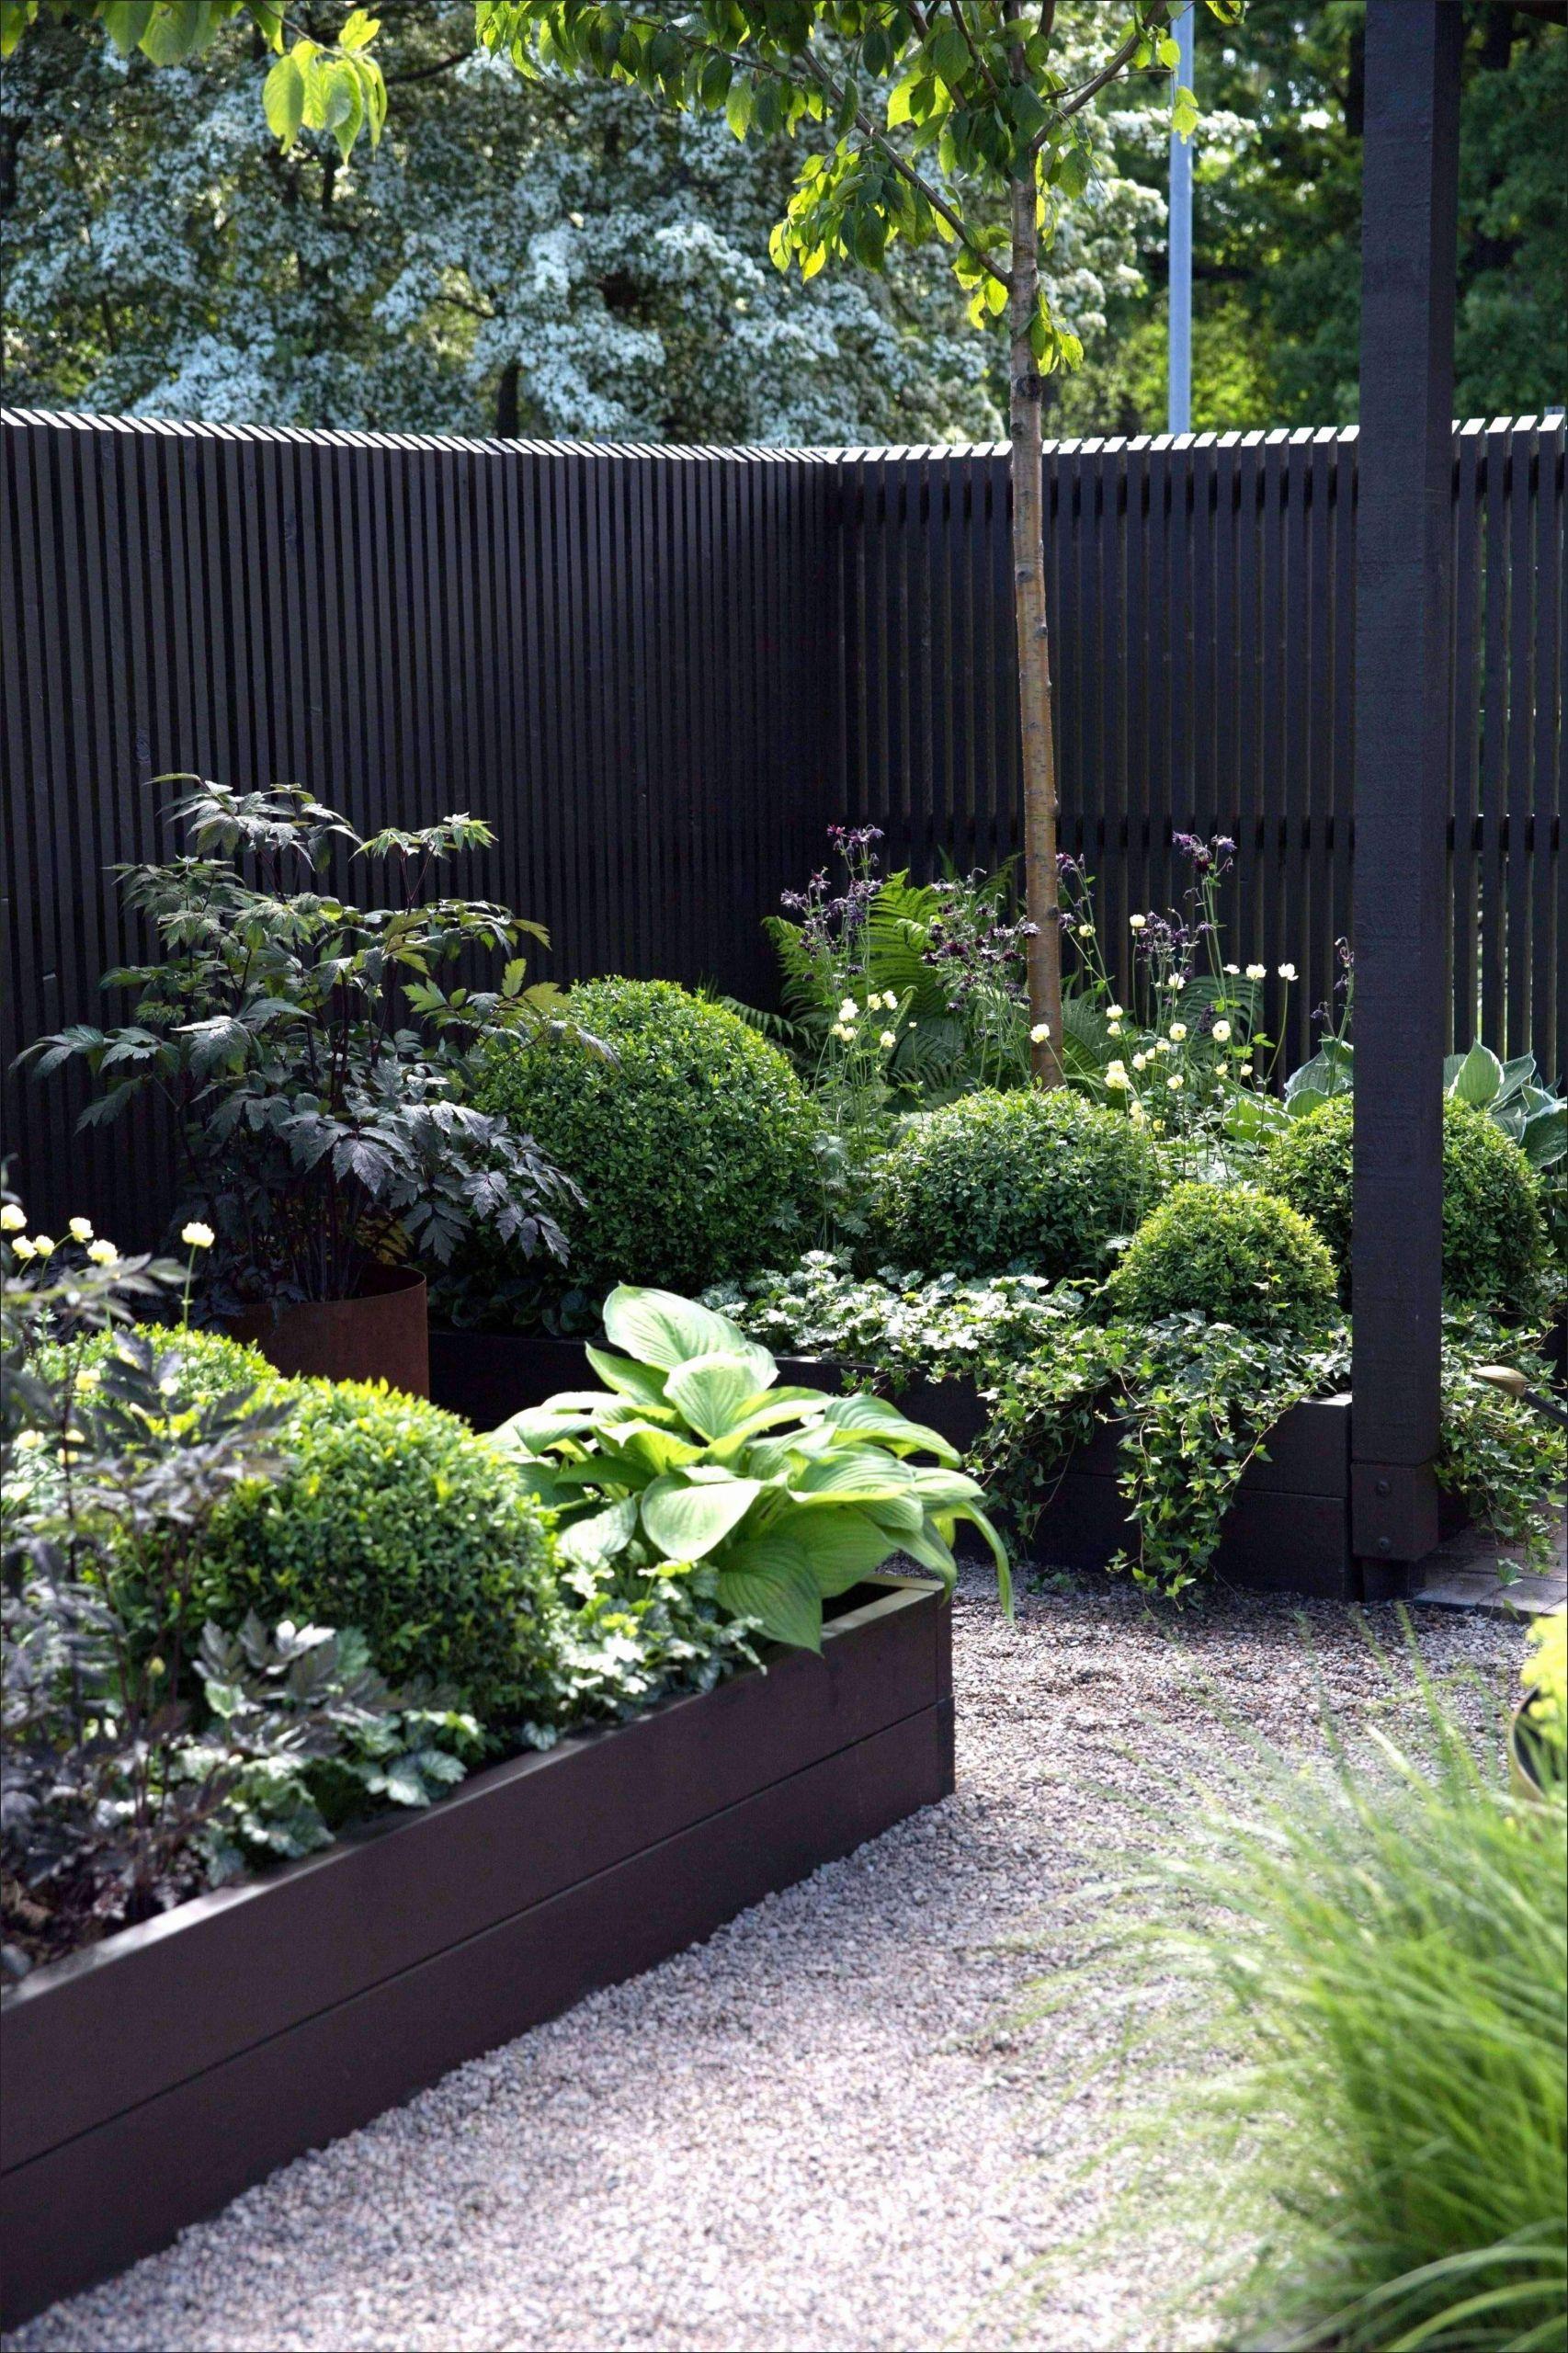 Schaukel Für Garten Elegant Spielplatz Für Garten — Temobardz Home Blog